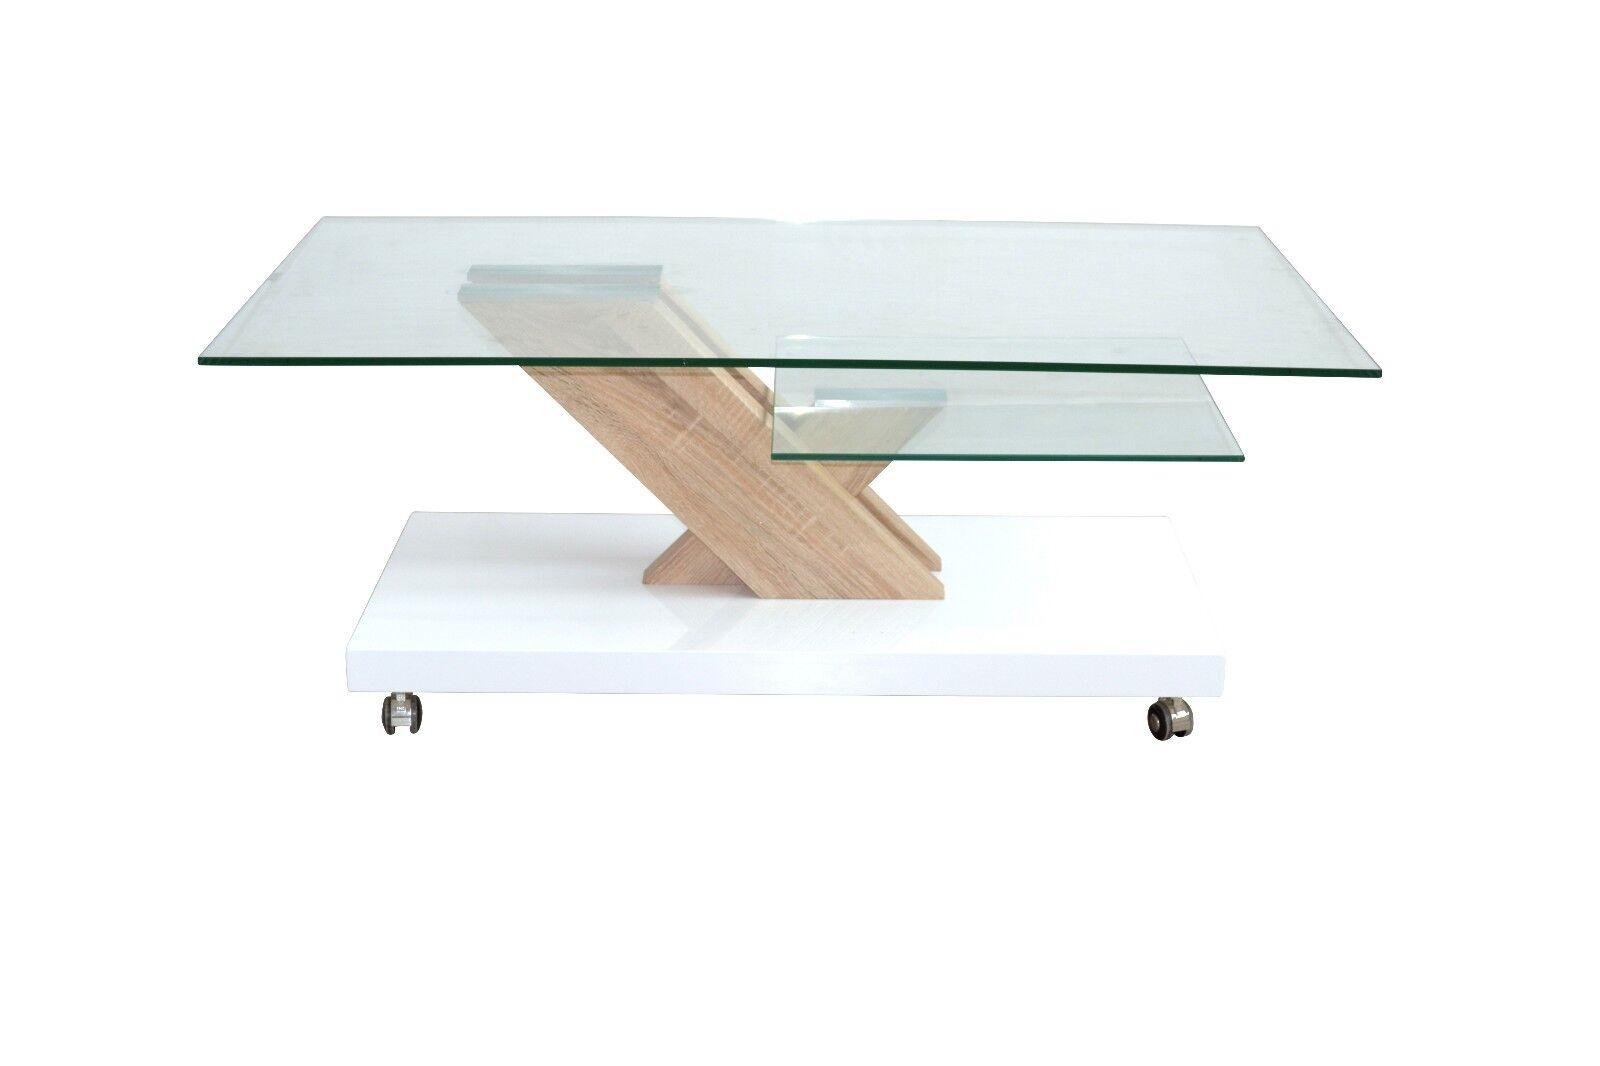 Couchtisch weiß Hochglanz Glastisch design Wohnzimmertisch Rollen rollbar  modern